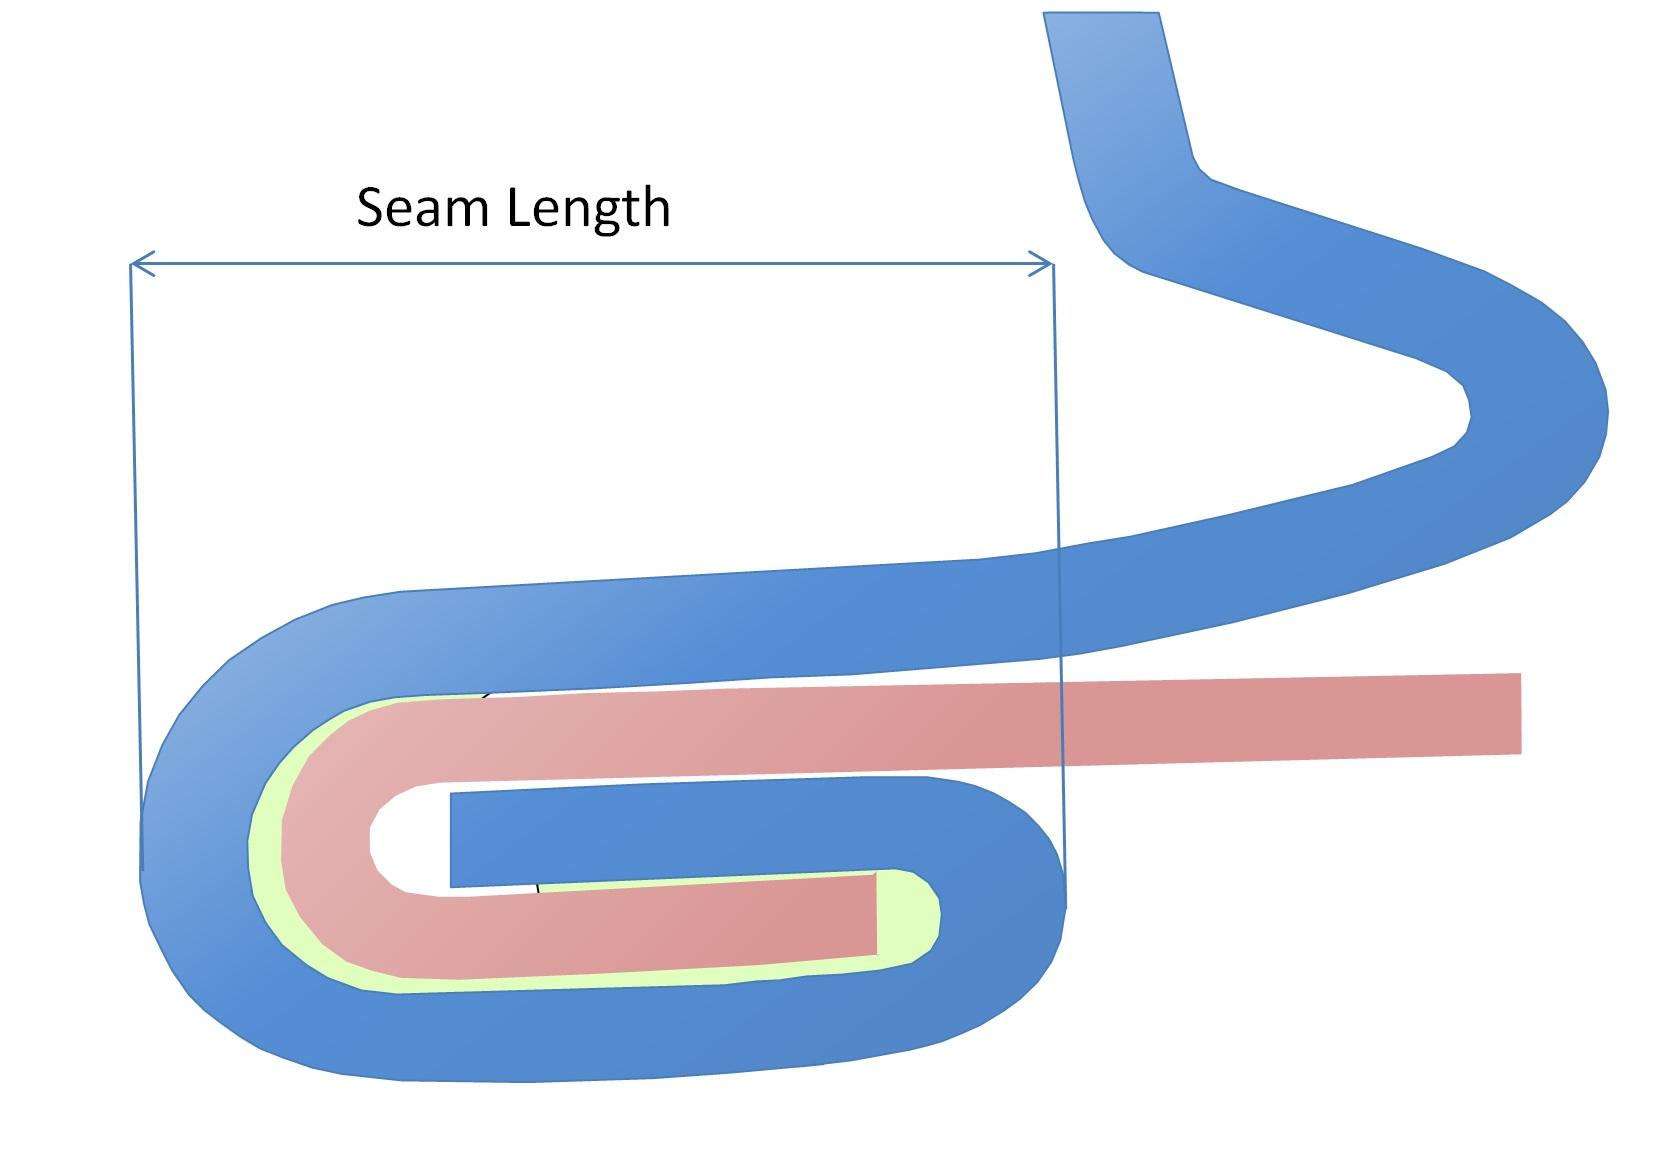 seam length